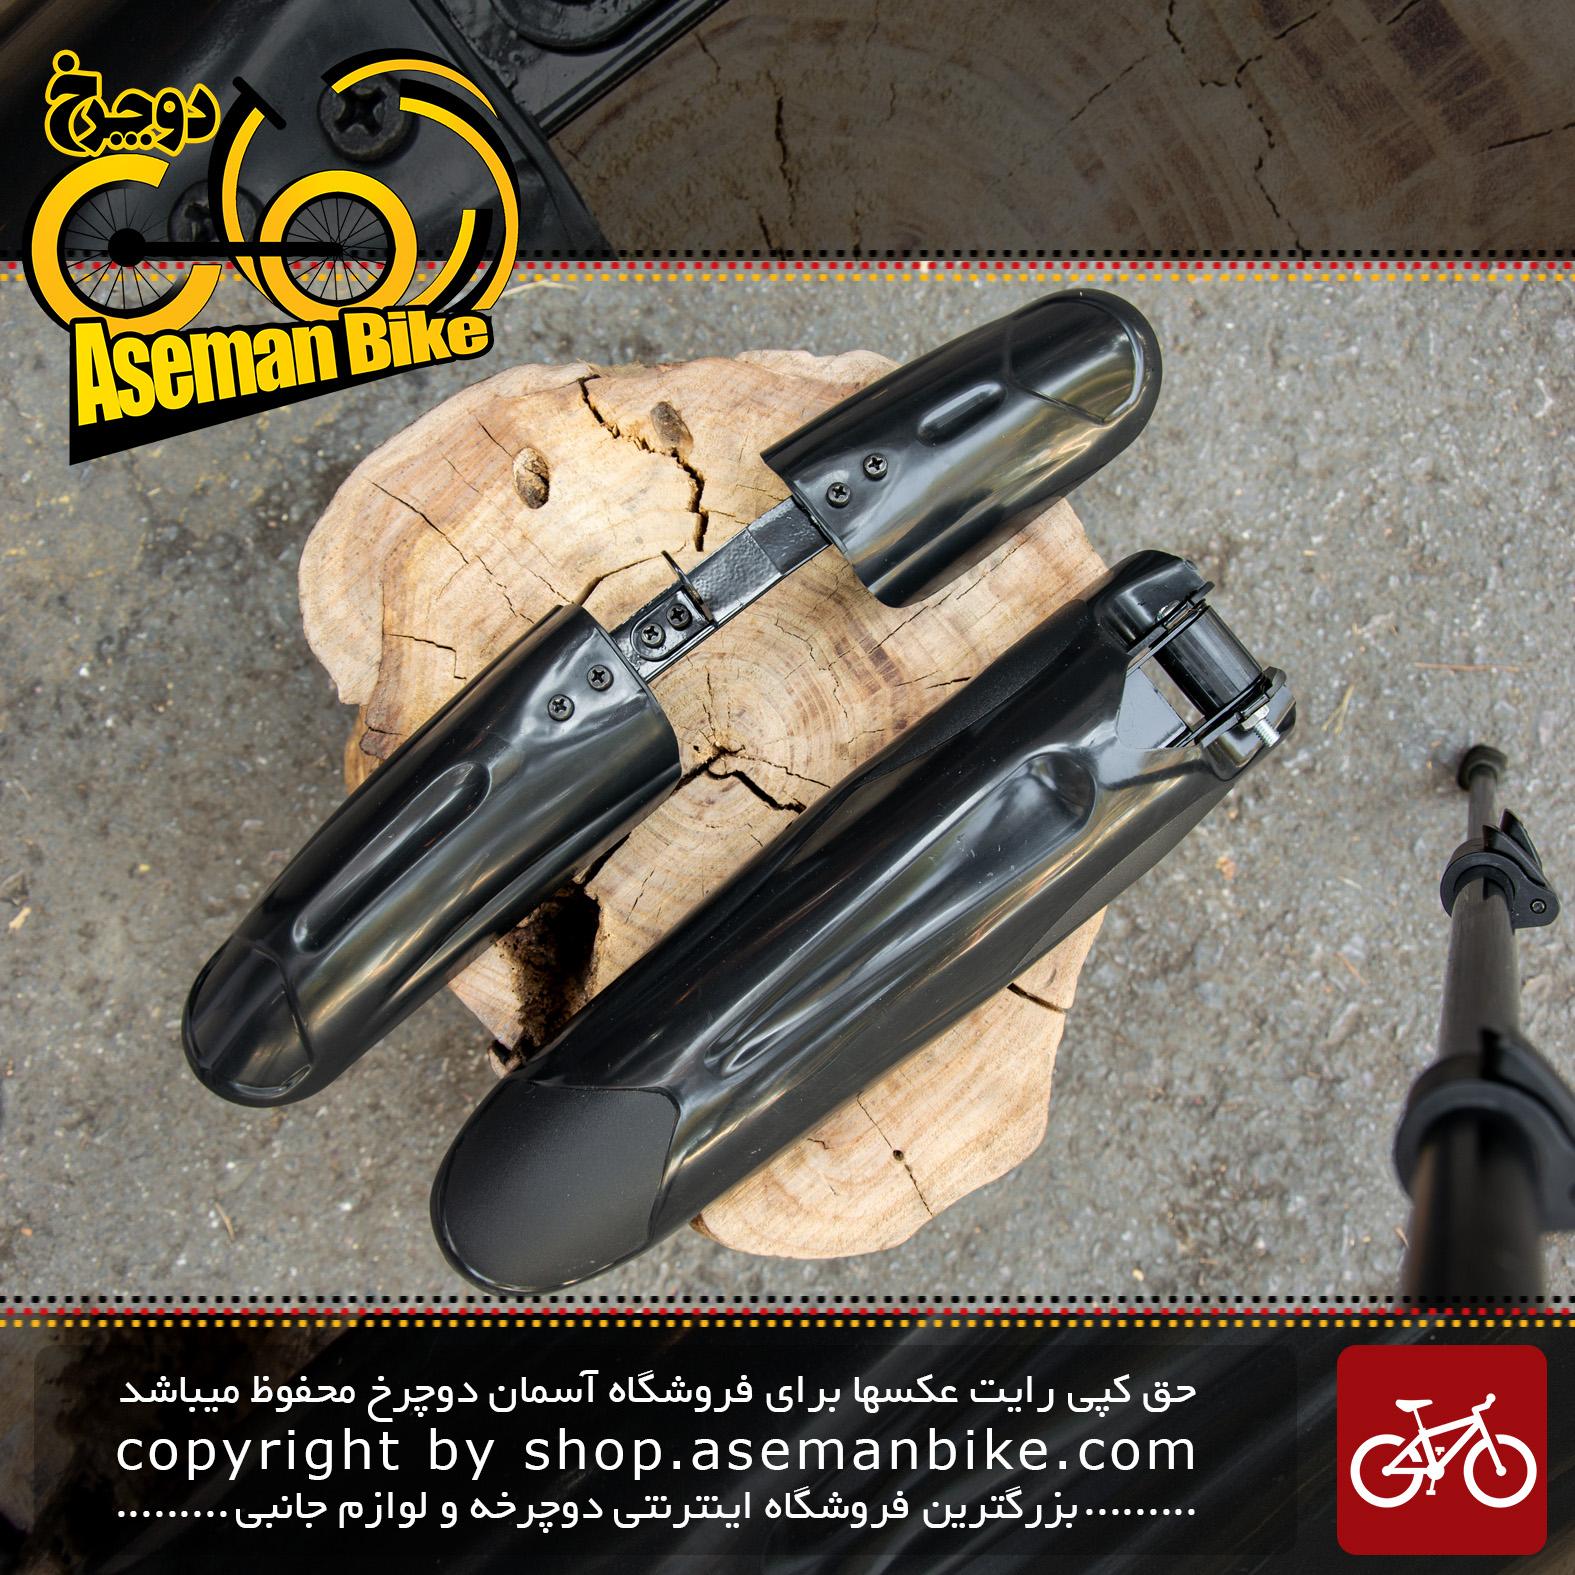 گلگیر دوچرخه مدل ام 117 Bicycle Fender M117